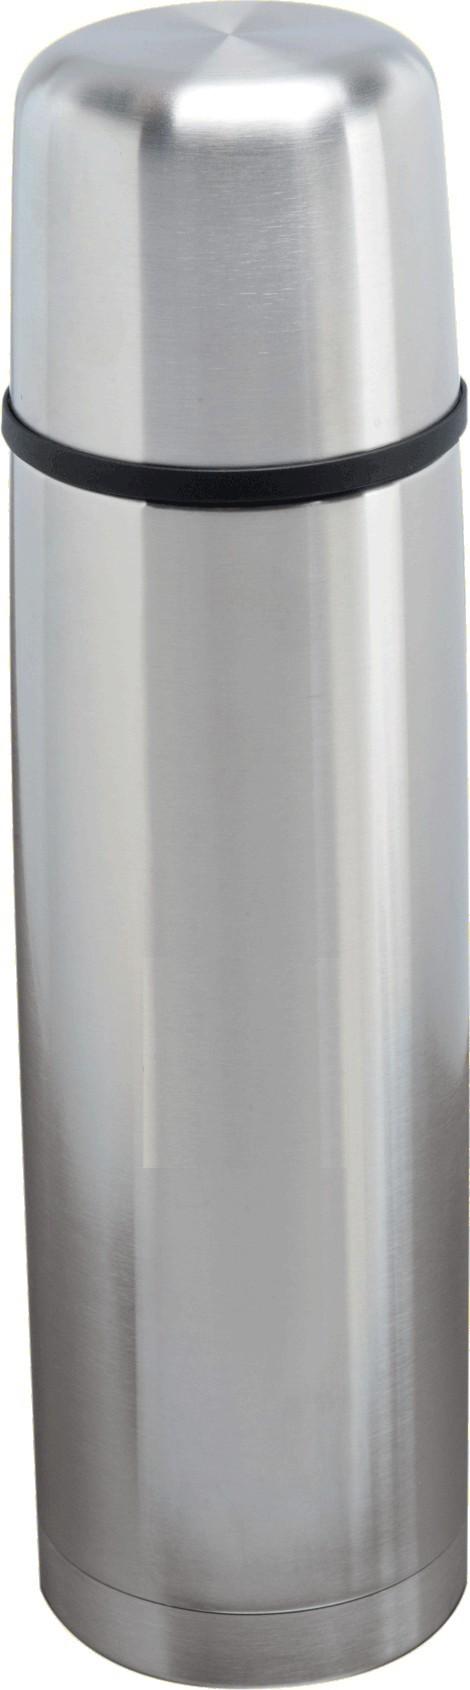 Θερμός Ανοξείδωτο 500ml Με Πλήκτρο Happy Ware home   αξεσουαρ κουζινας   παγούρια   θερμός